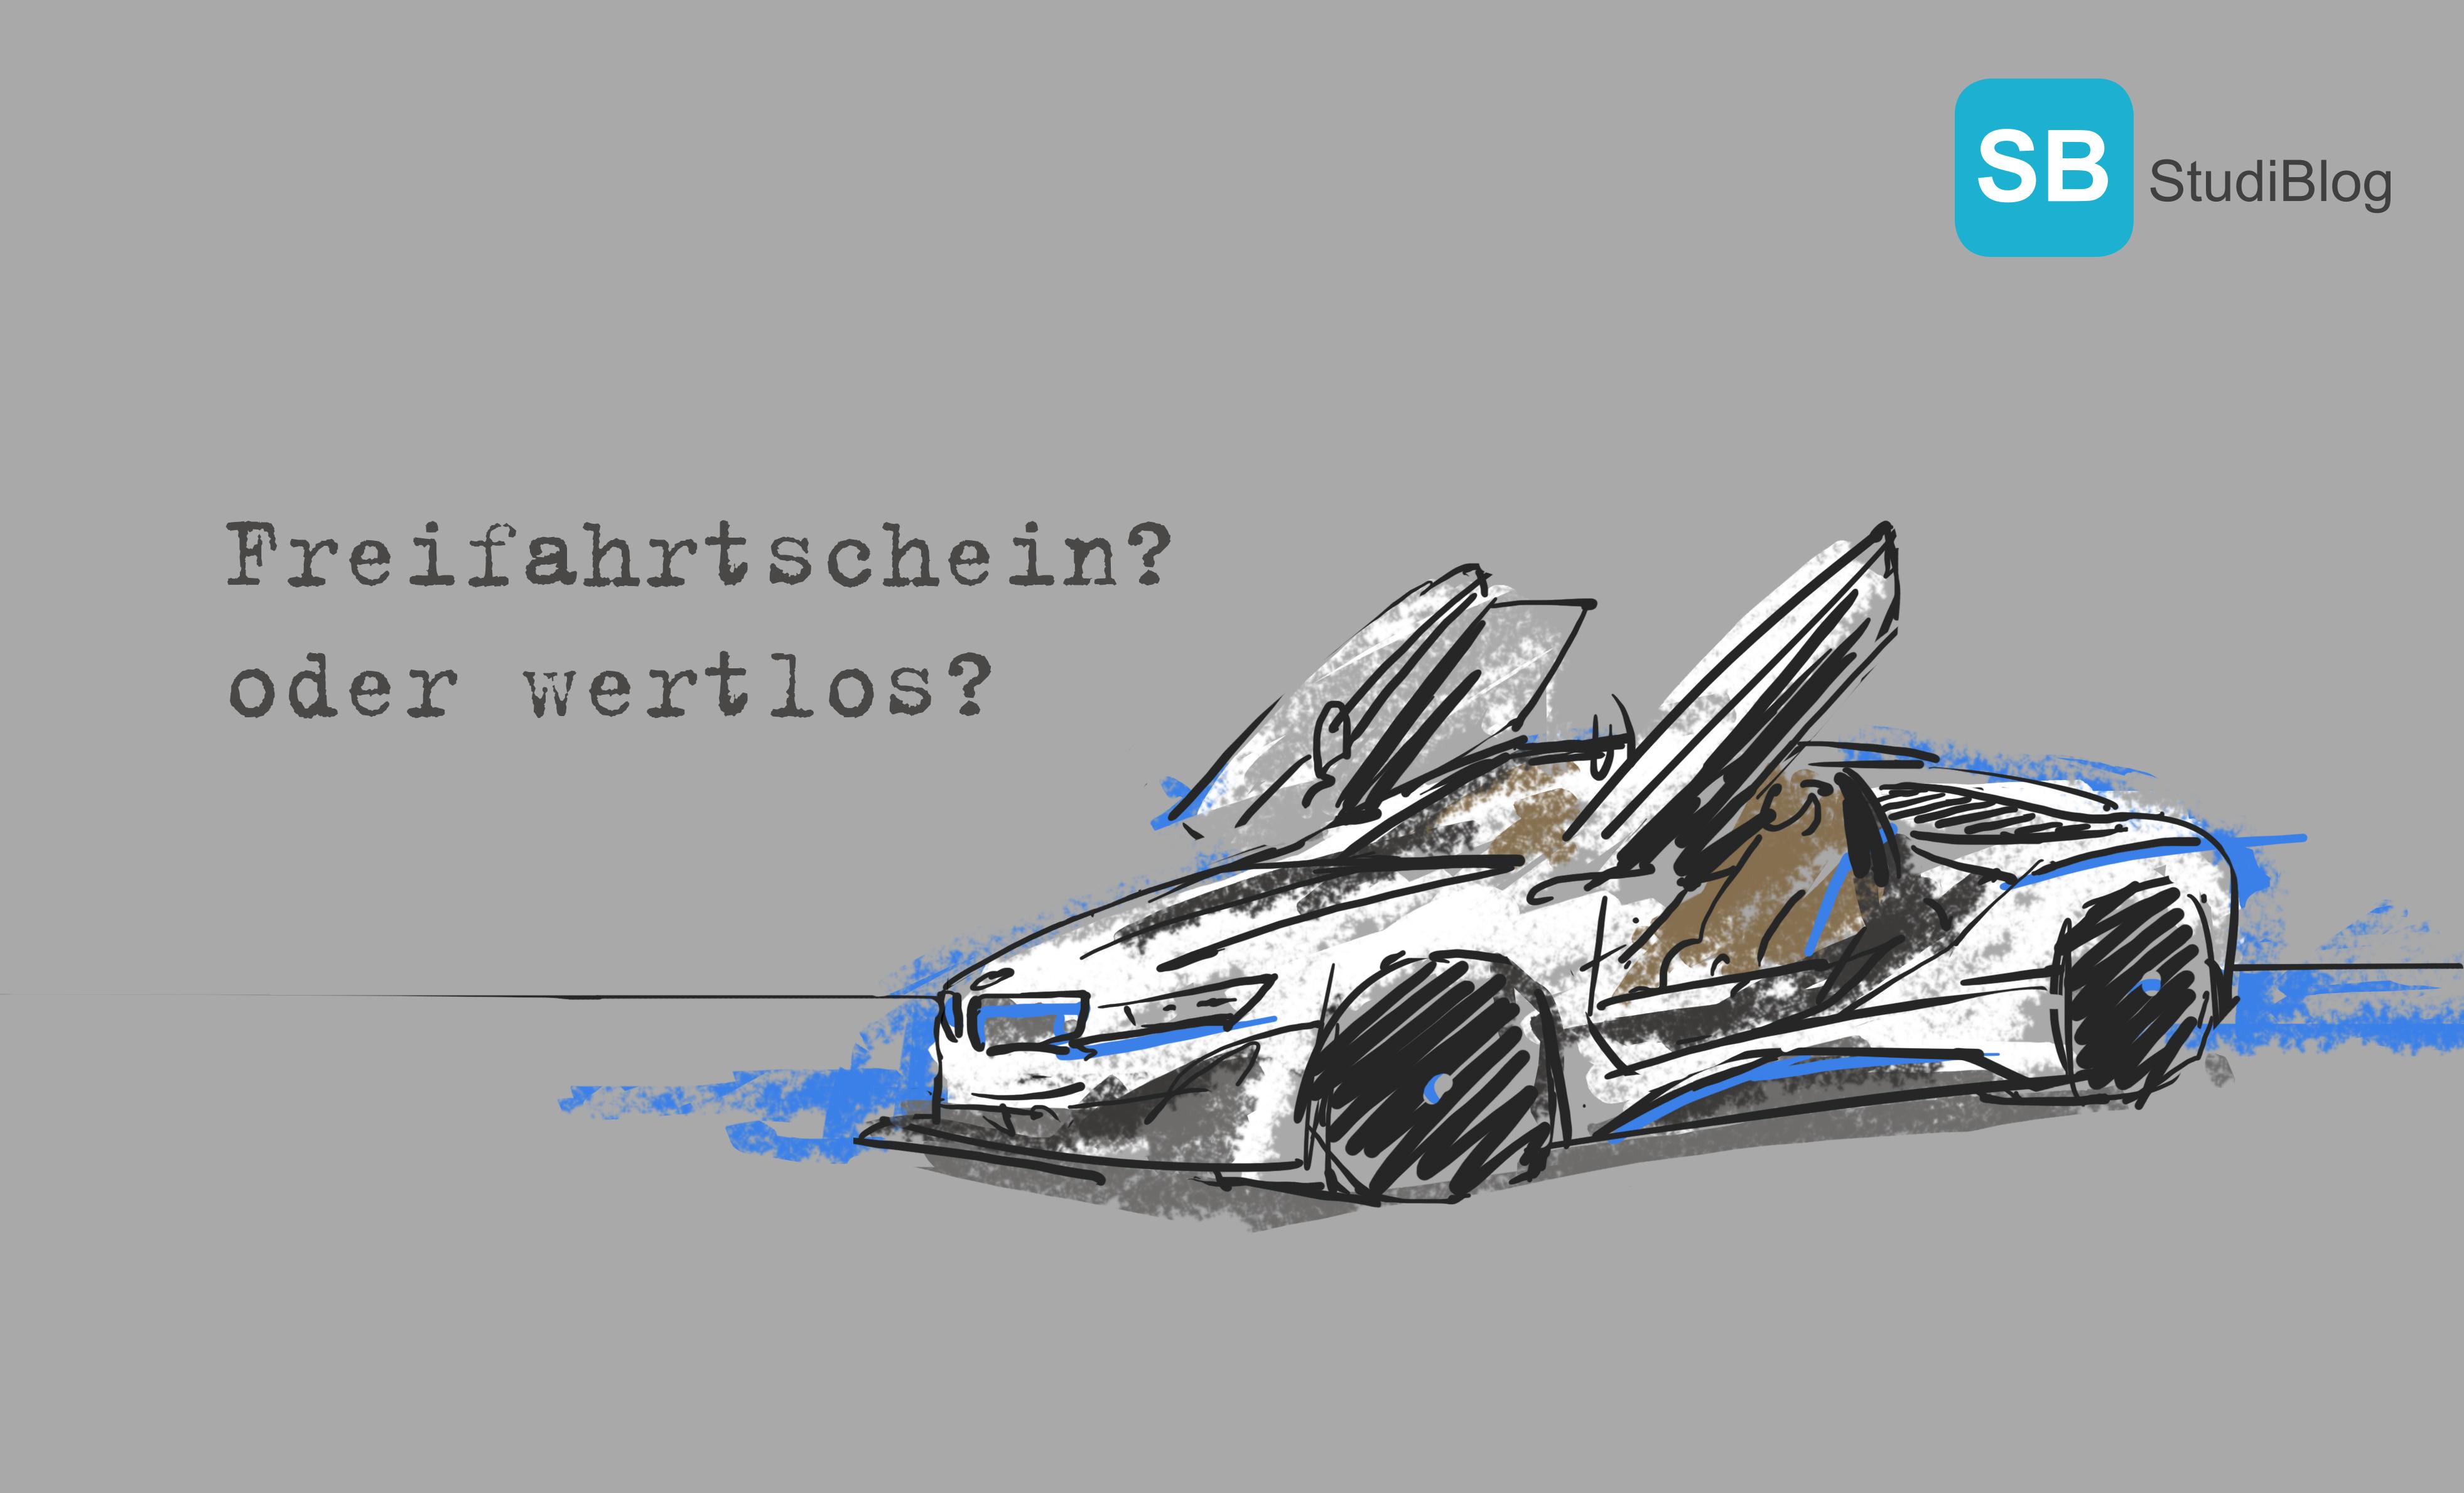 Nachgezeichneter BMW i8 mit der Frage, ob sich ein Studium heutzutage noch lohnt.